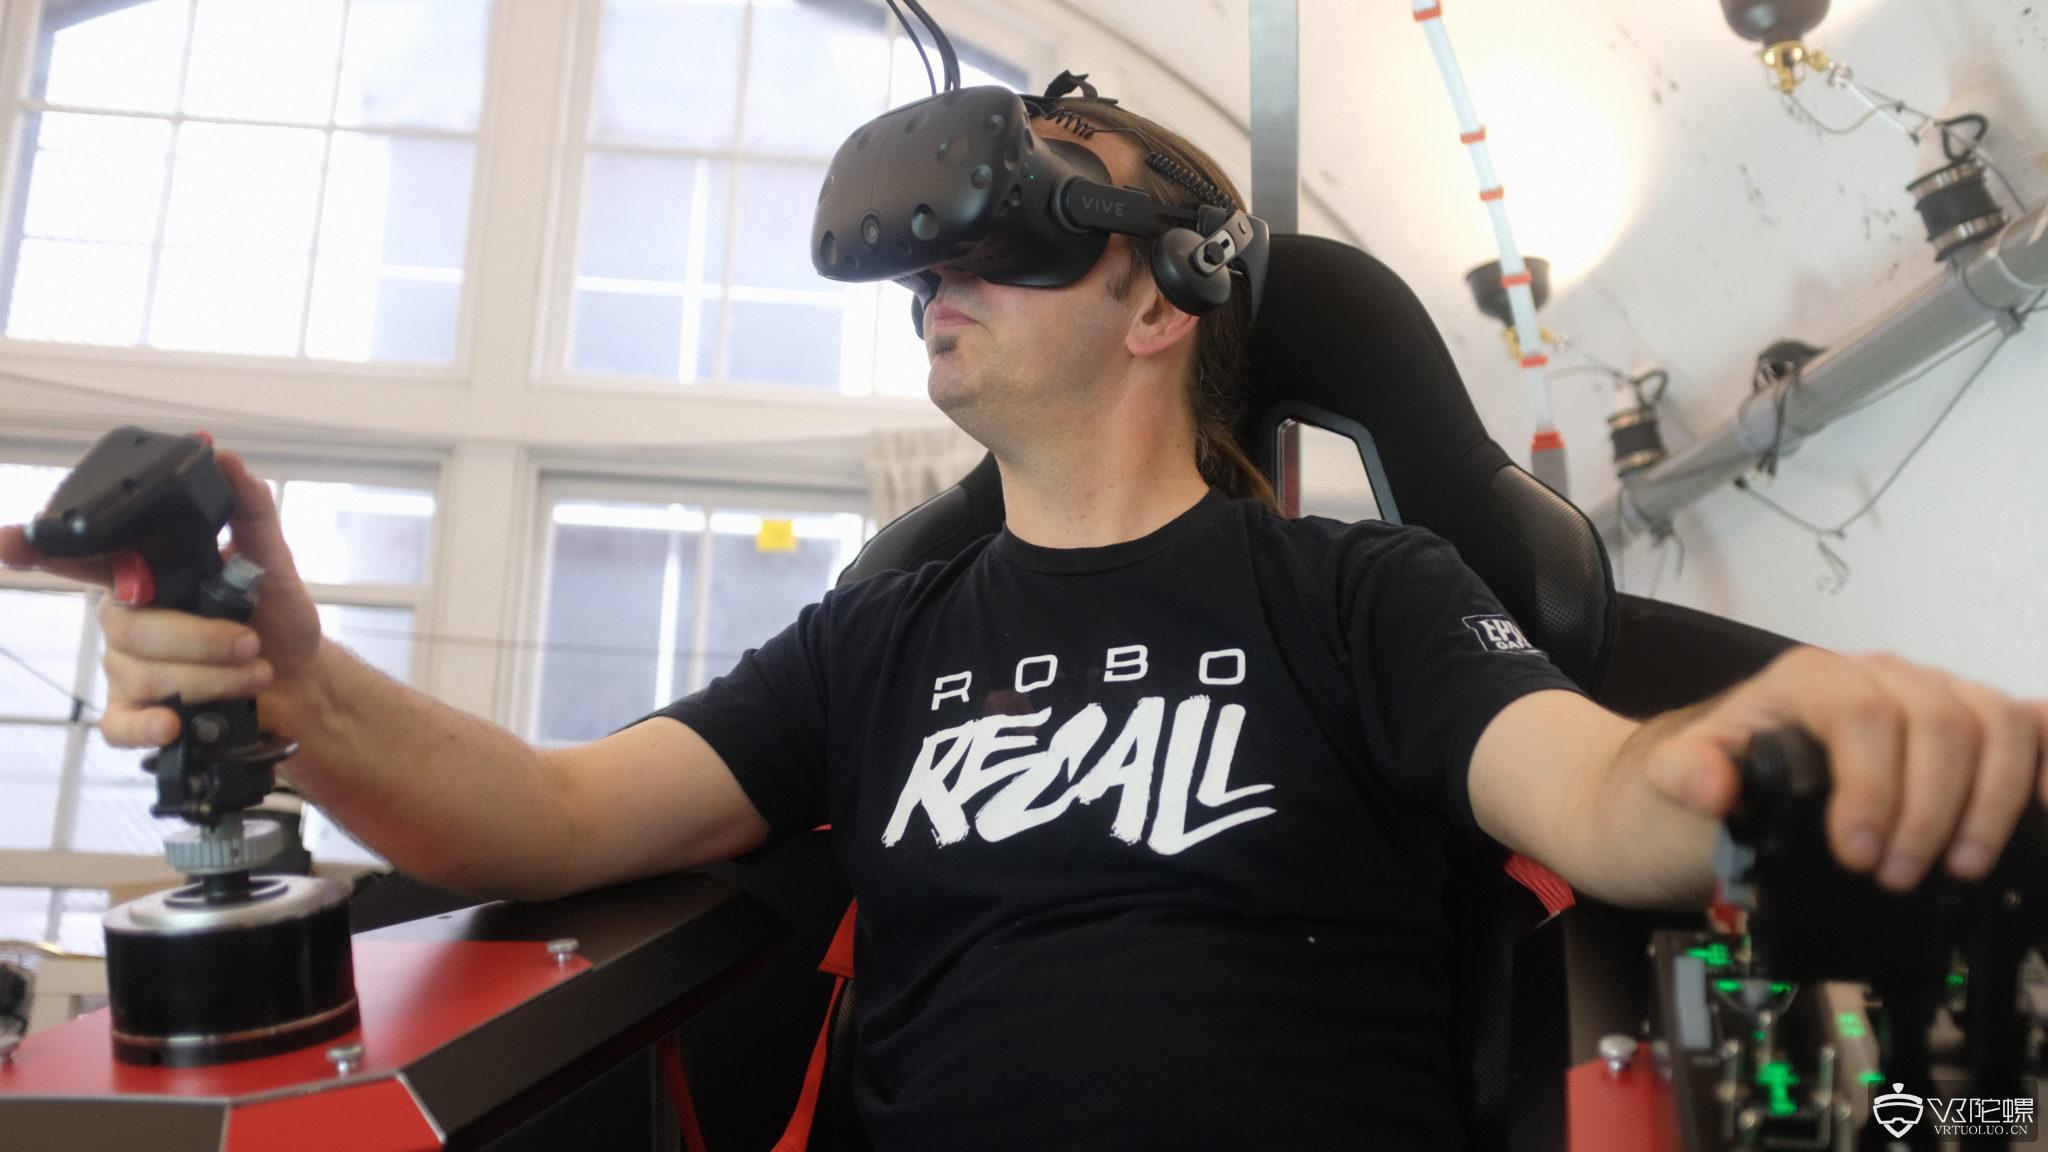 VR运动模拟器Feel Three在五小时内融资50,000英镑